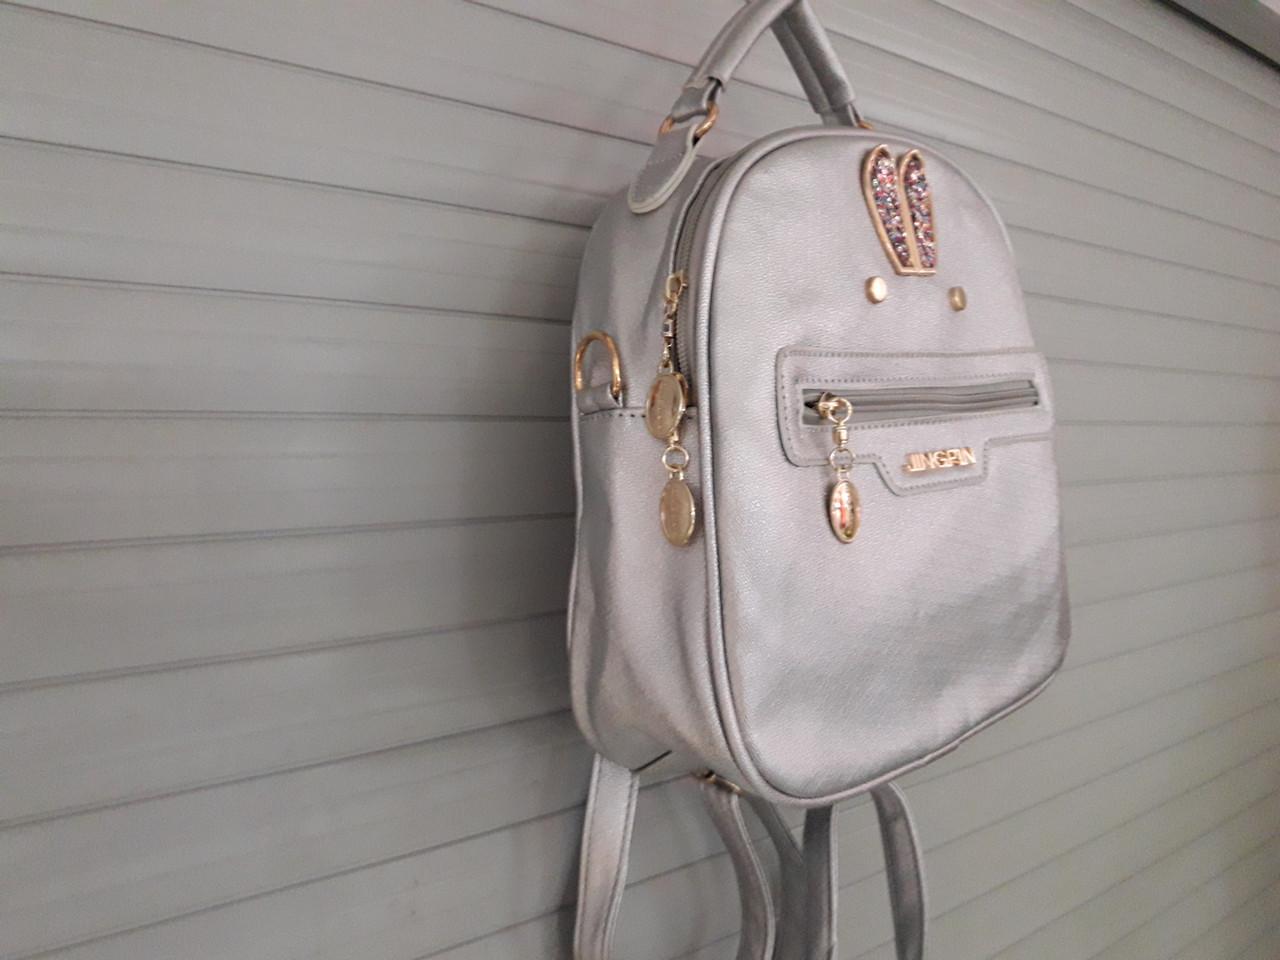 e0d17bbb3c58 РАСПРОДАЖА Модный кожаный рюкзак с ушками высокого качества сумка эко-кожа  синий низкая цена , цена 361,25 грн., купить в Дружковке — Prom.ua  (ID#662458190)